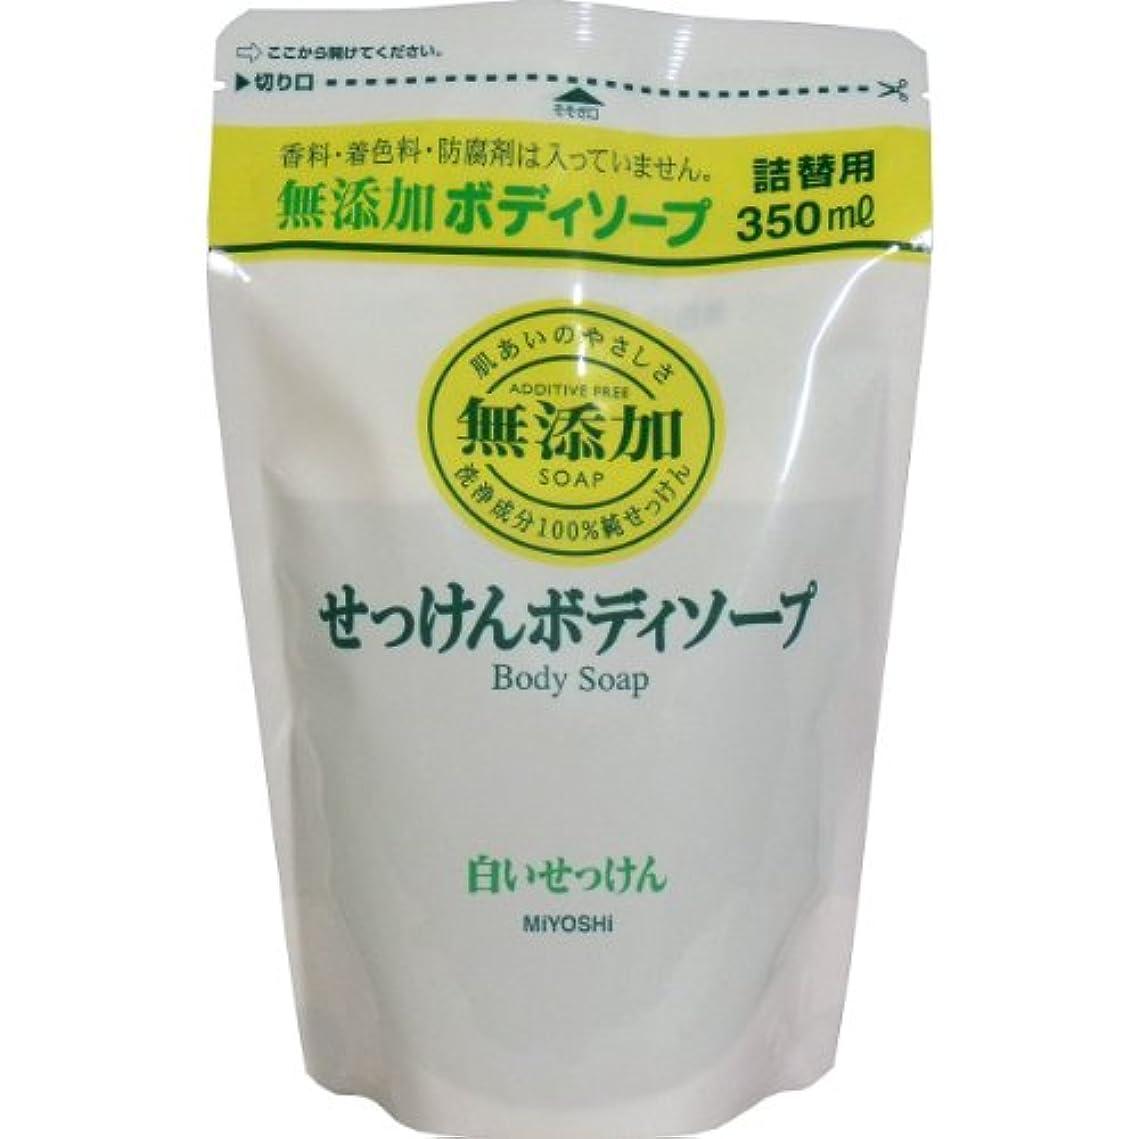 置換壁紙こっそりミヨシ 無添加 ボディソープ 白い石けん つめかえ用 350ml(無添加石鹸) x 10個セット